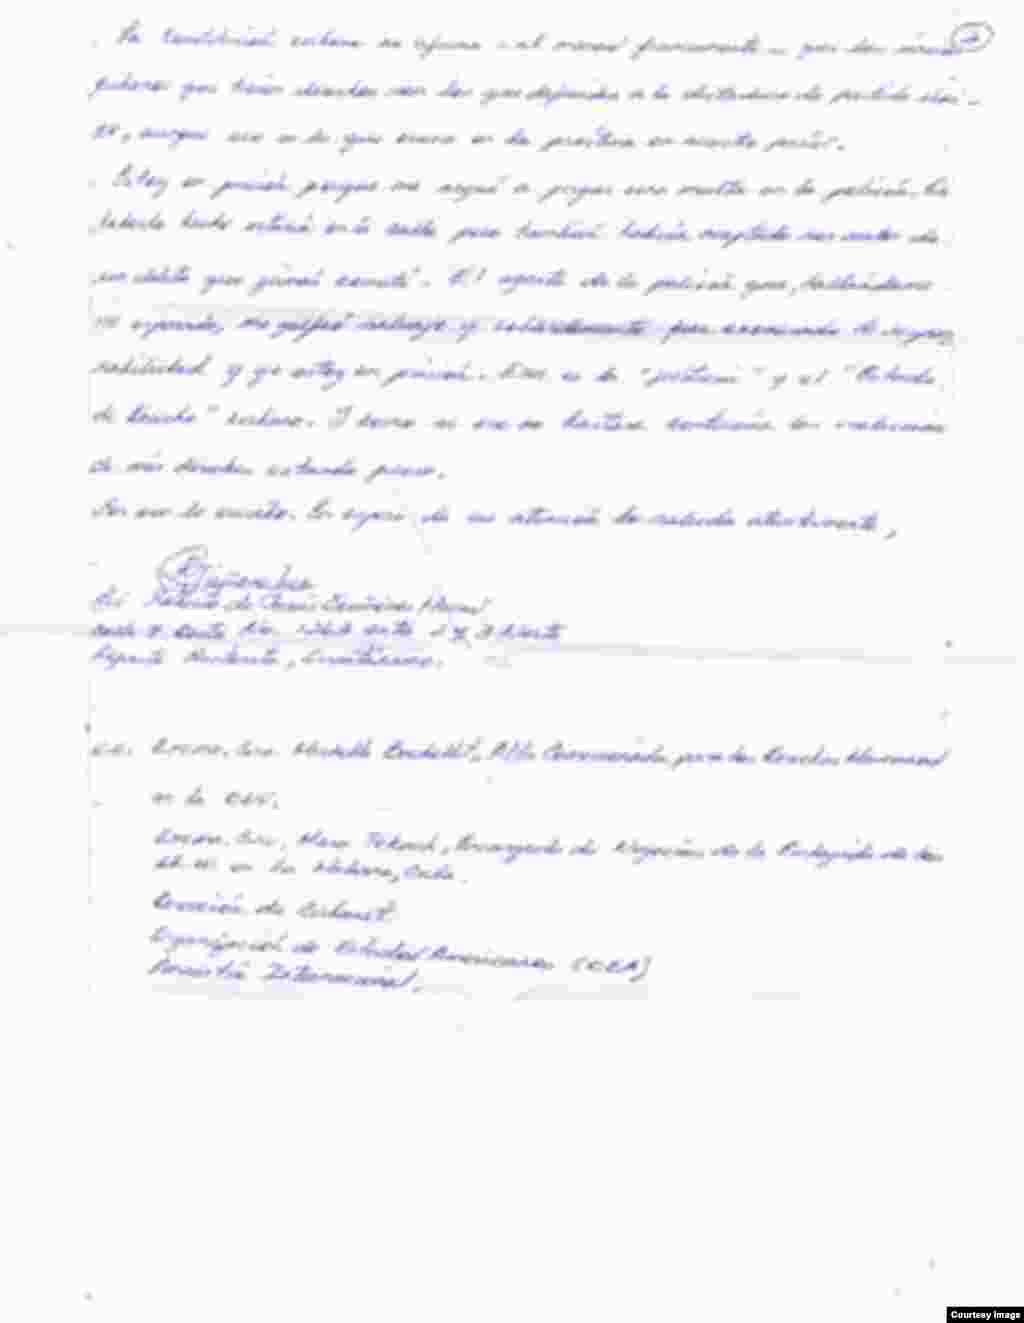 Quiñones Haces denuncia de puño y letra los abusos que recibe en prisión.